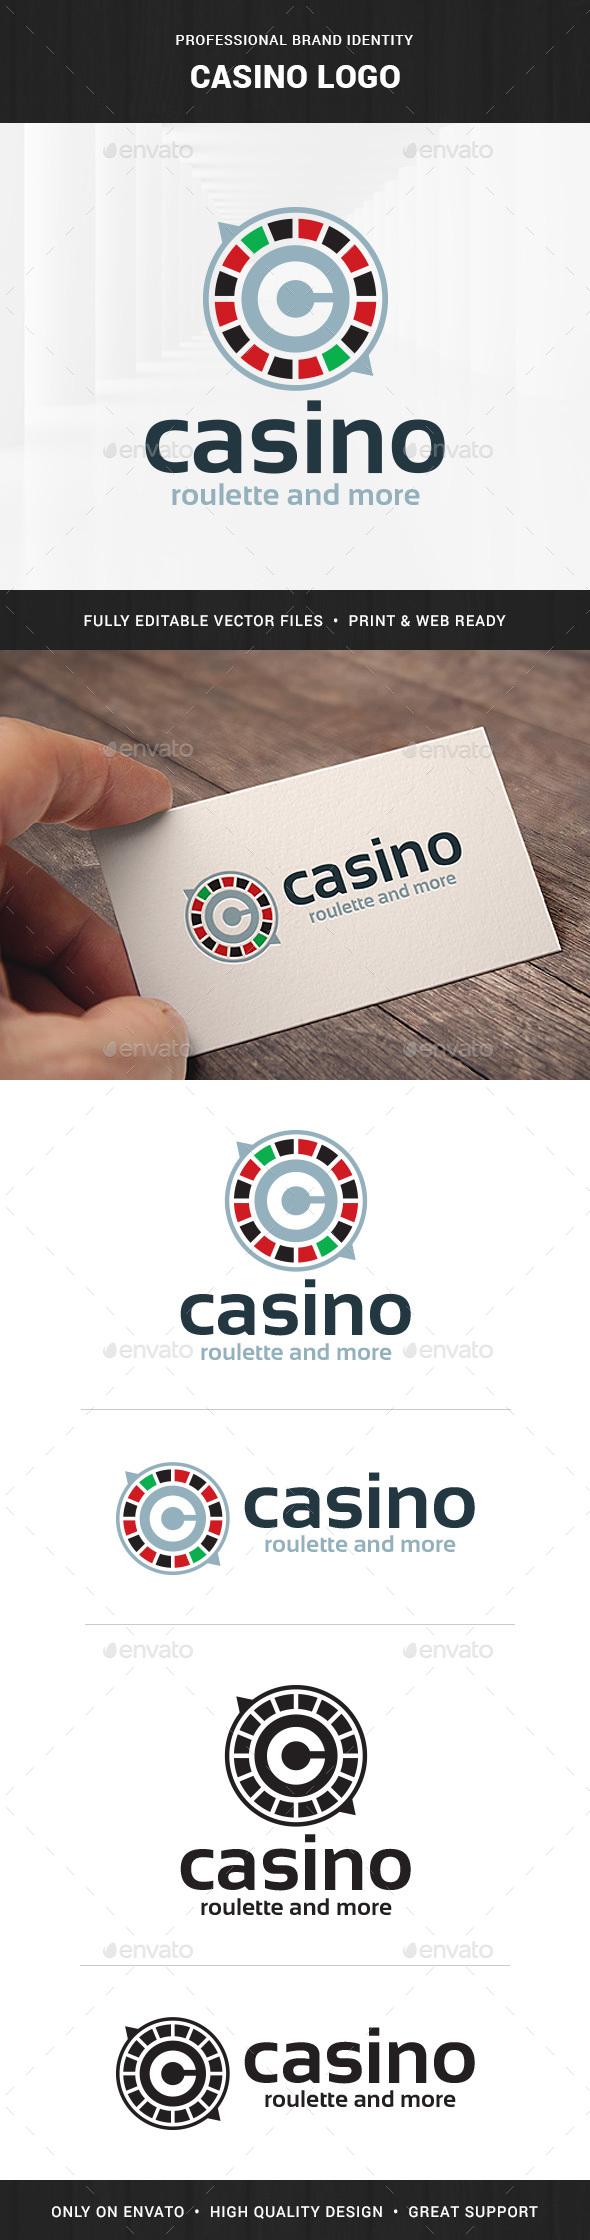 Casino Logo Template - Abstract Logo Templates